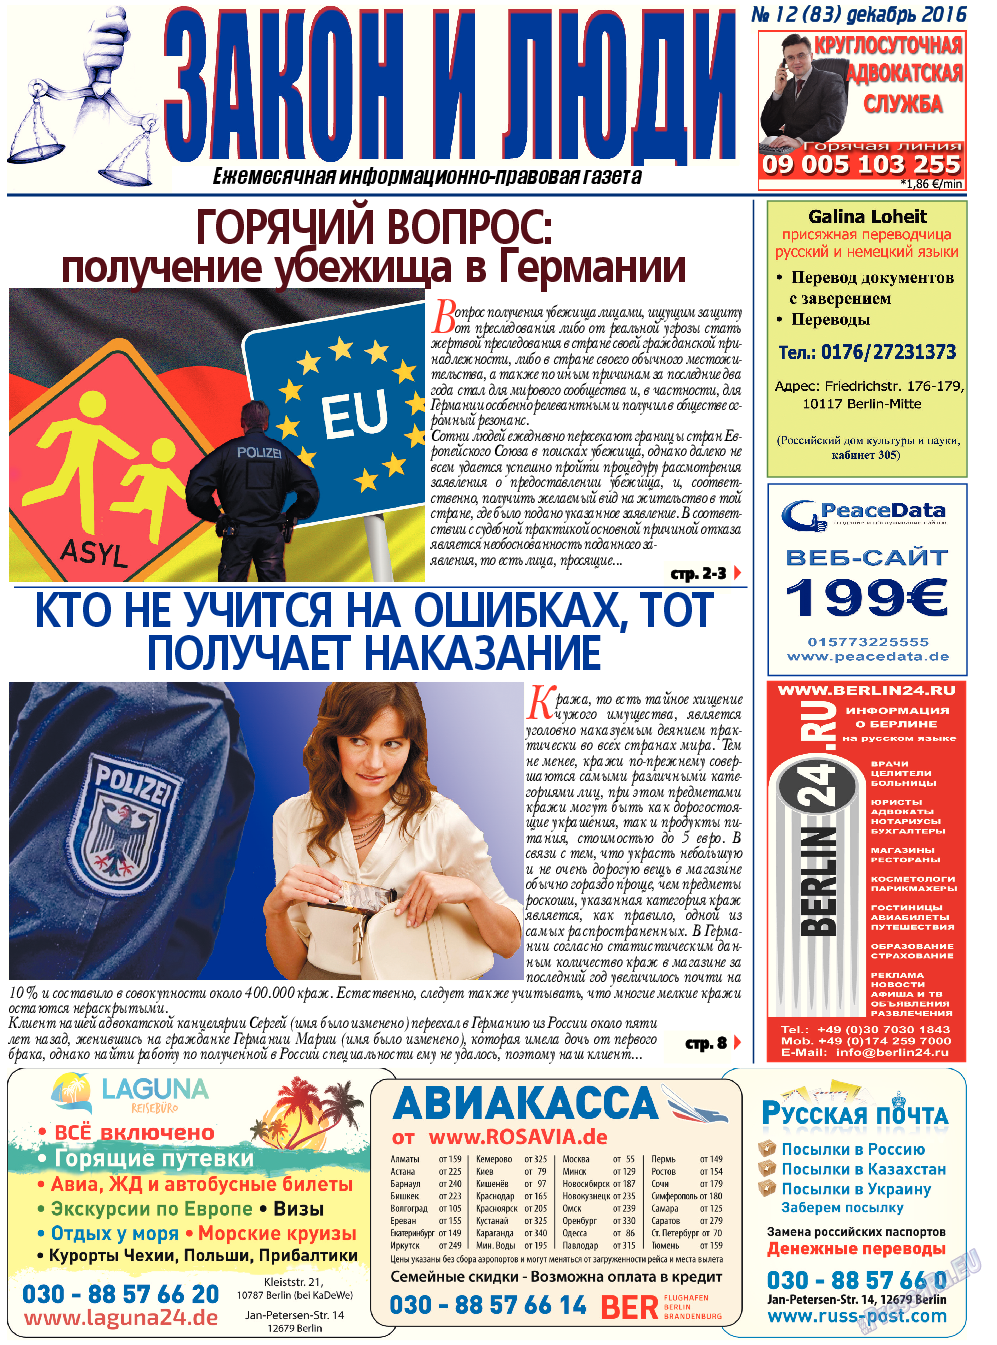 Закон и люди (газета). 2016 год, номер 12, стр. 1